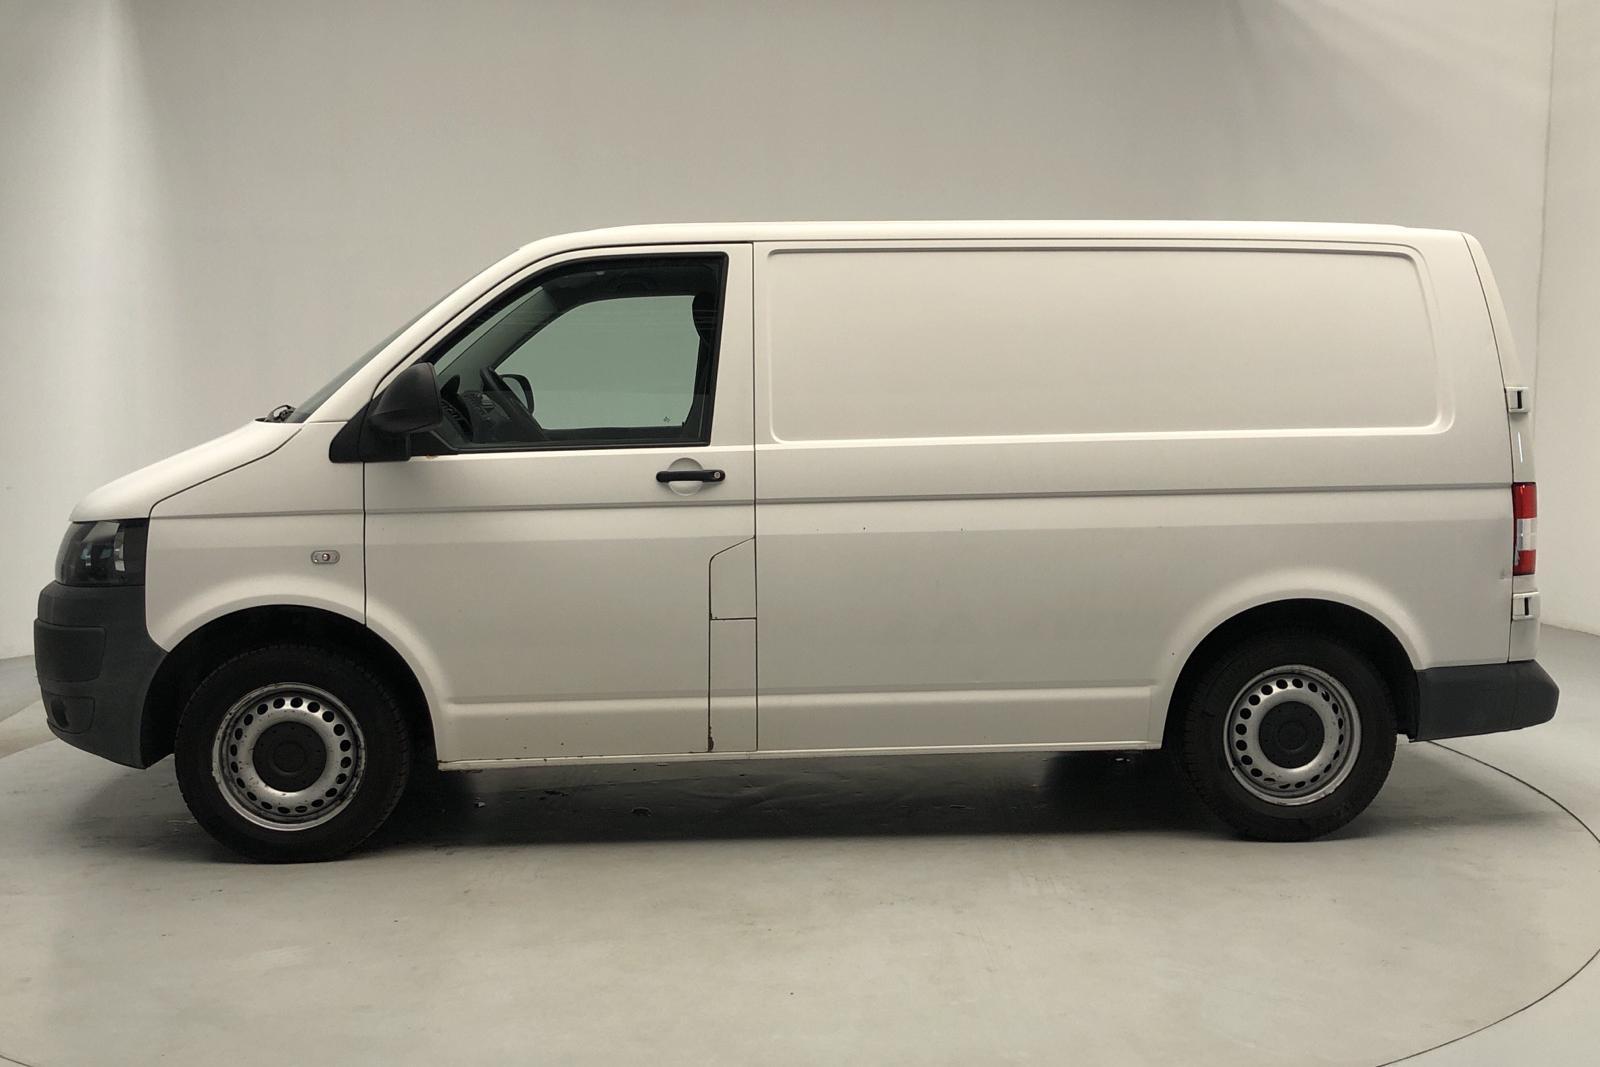 VW Transporter T5 2.0 TDI Kylbil (102hk) - 15 209 mil - Manuell - vit - 2012